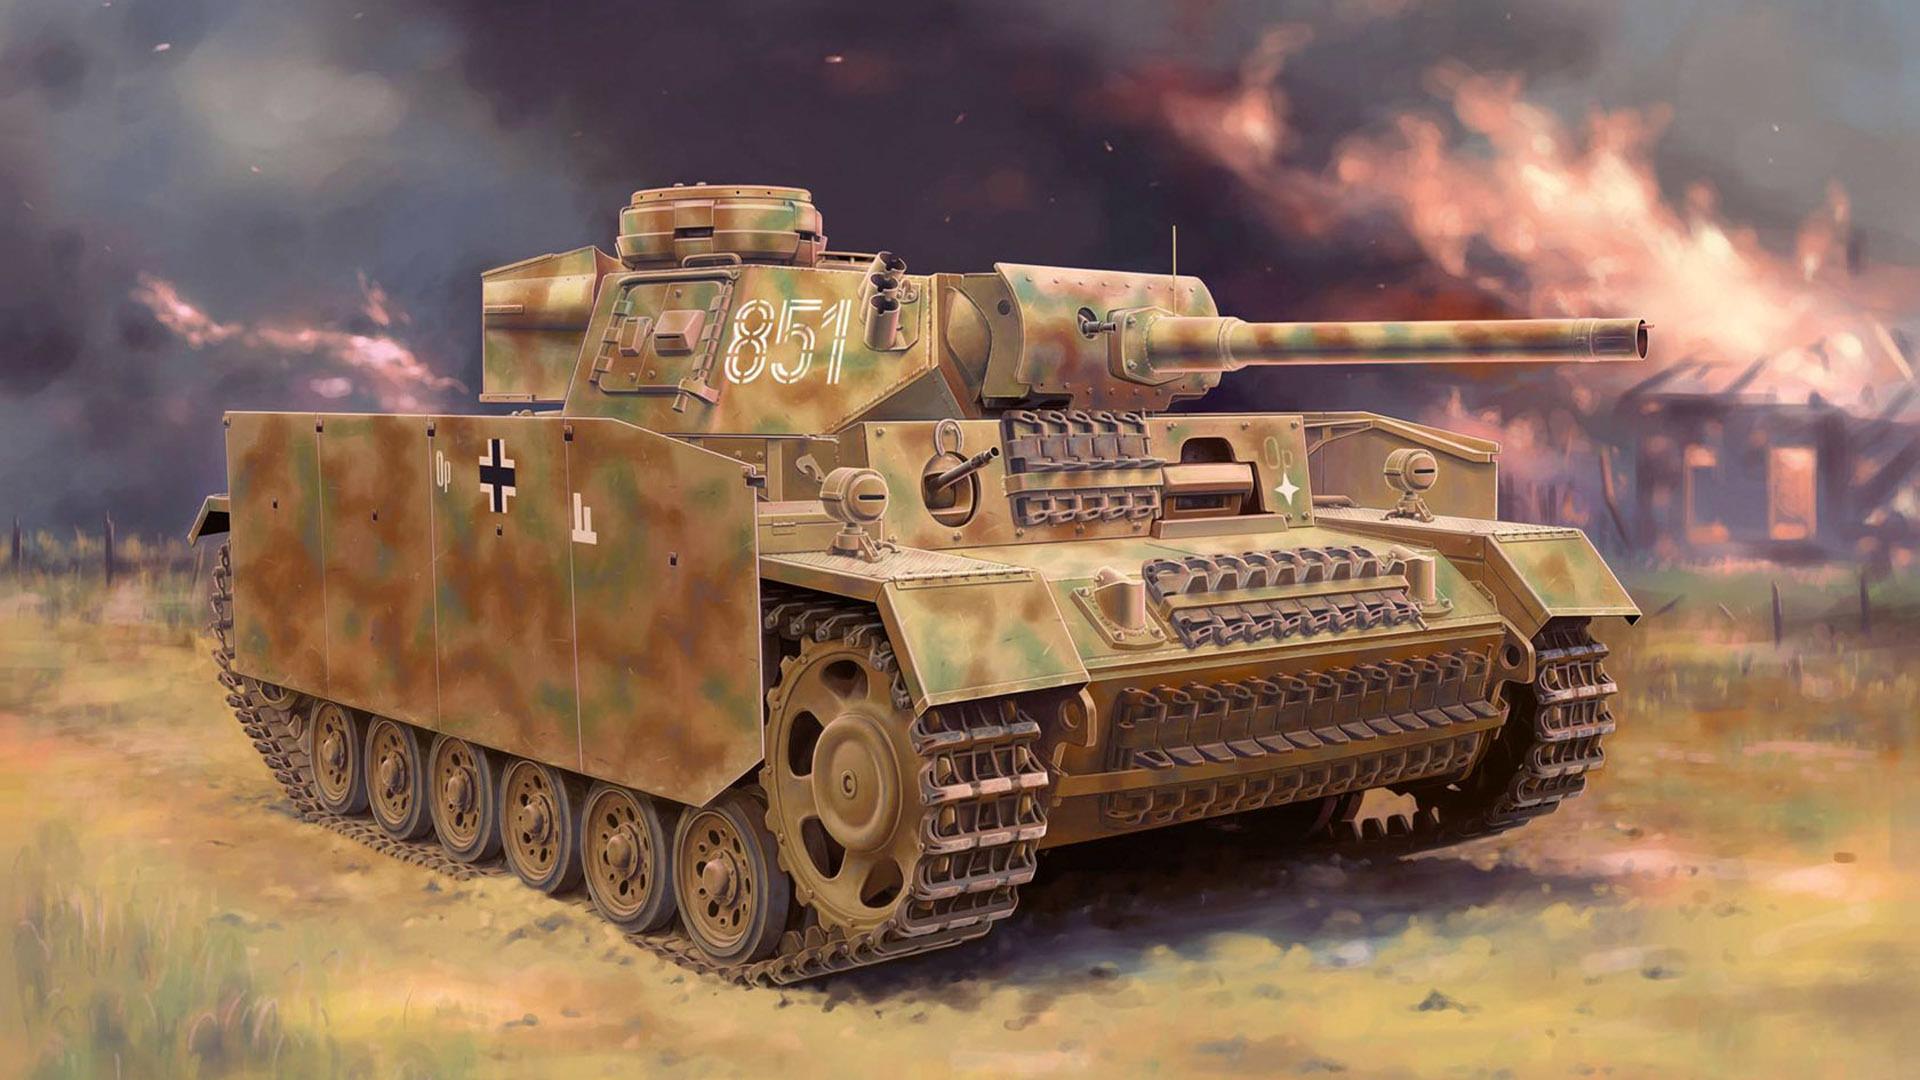 картинки огнеметных танков бесплатные обои для